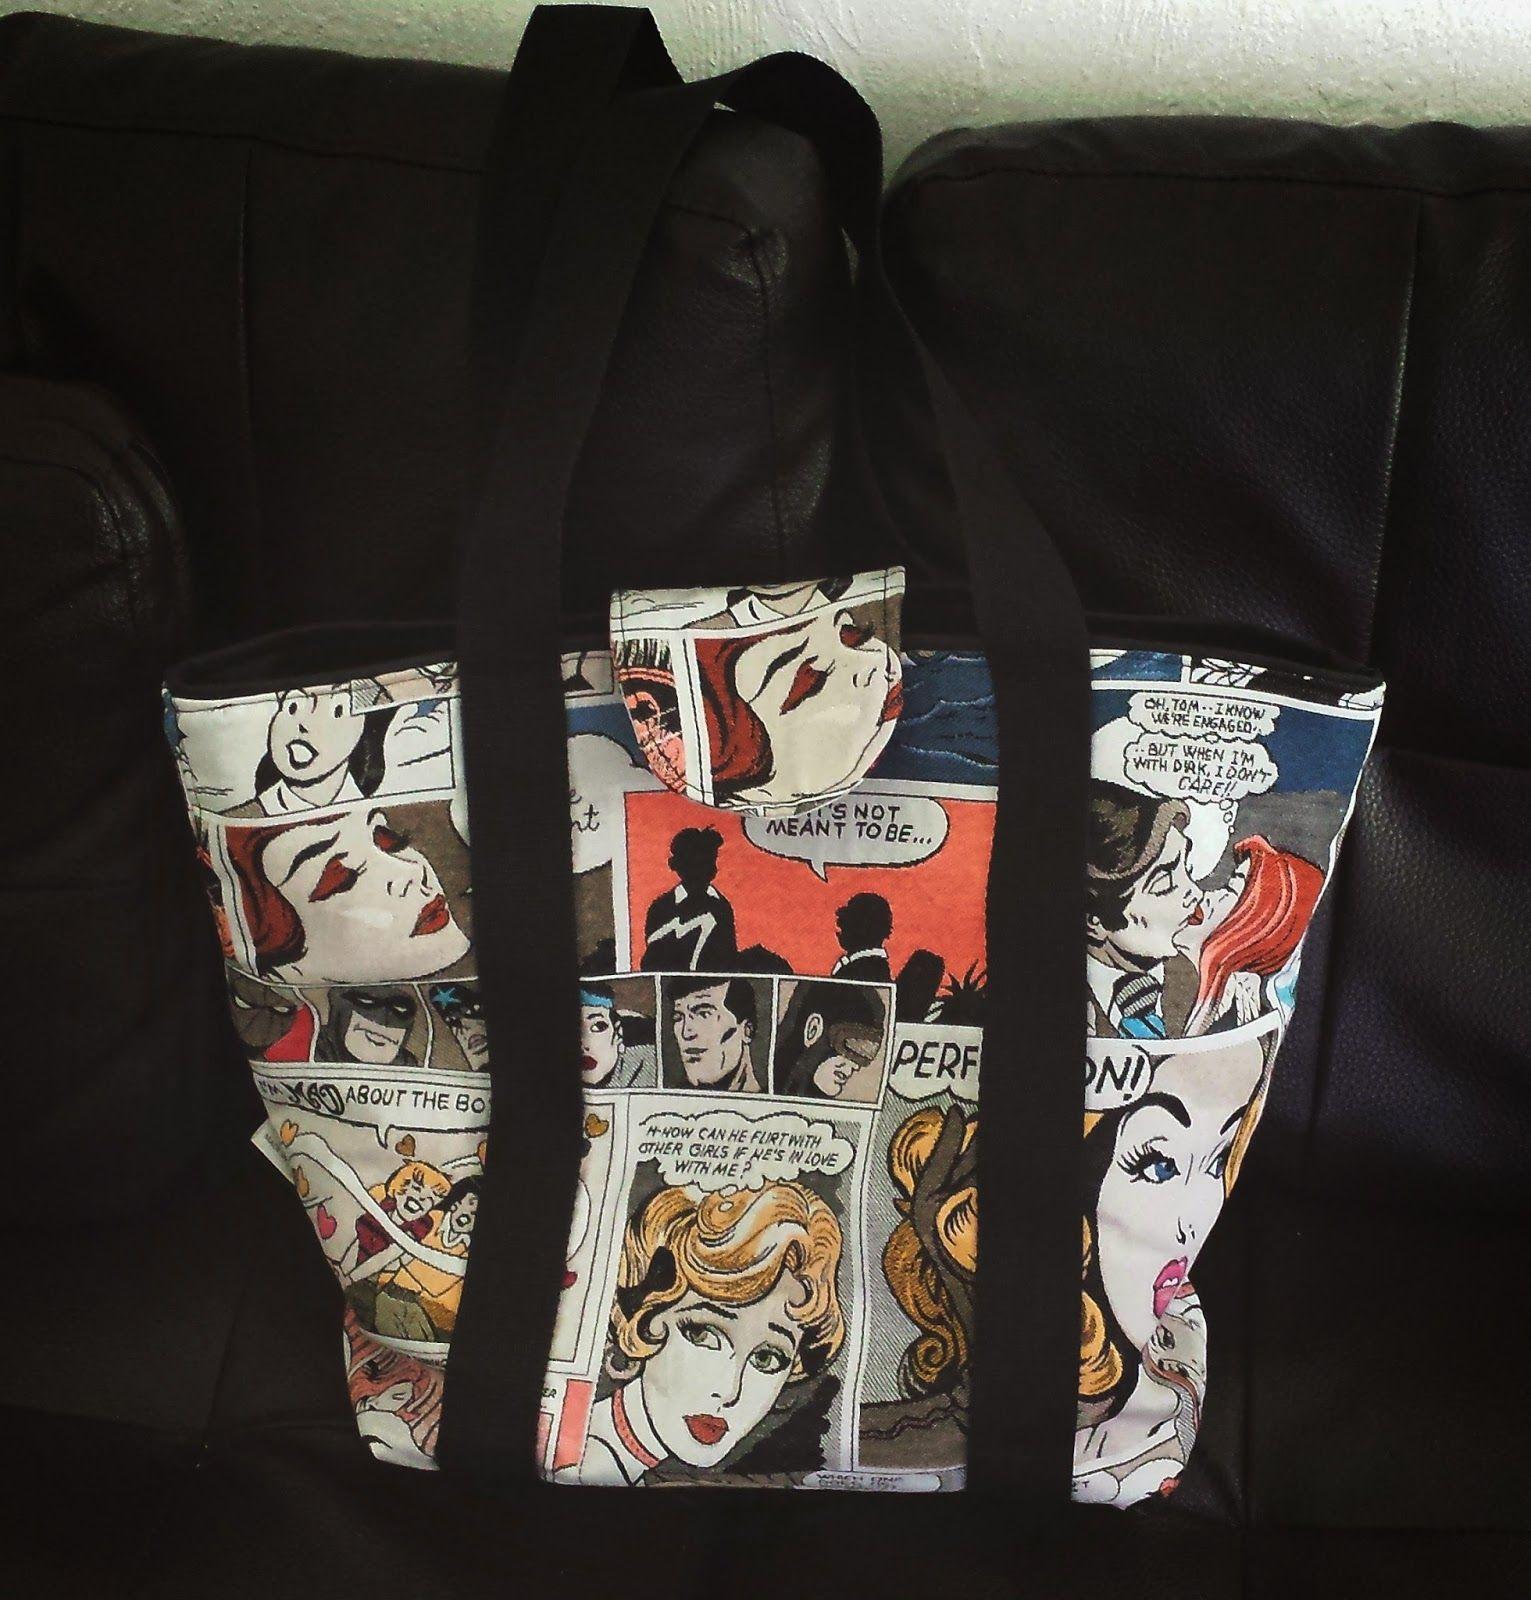 My vintage comic bag